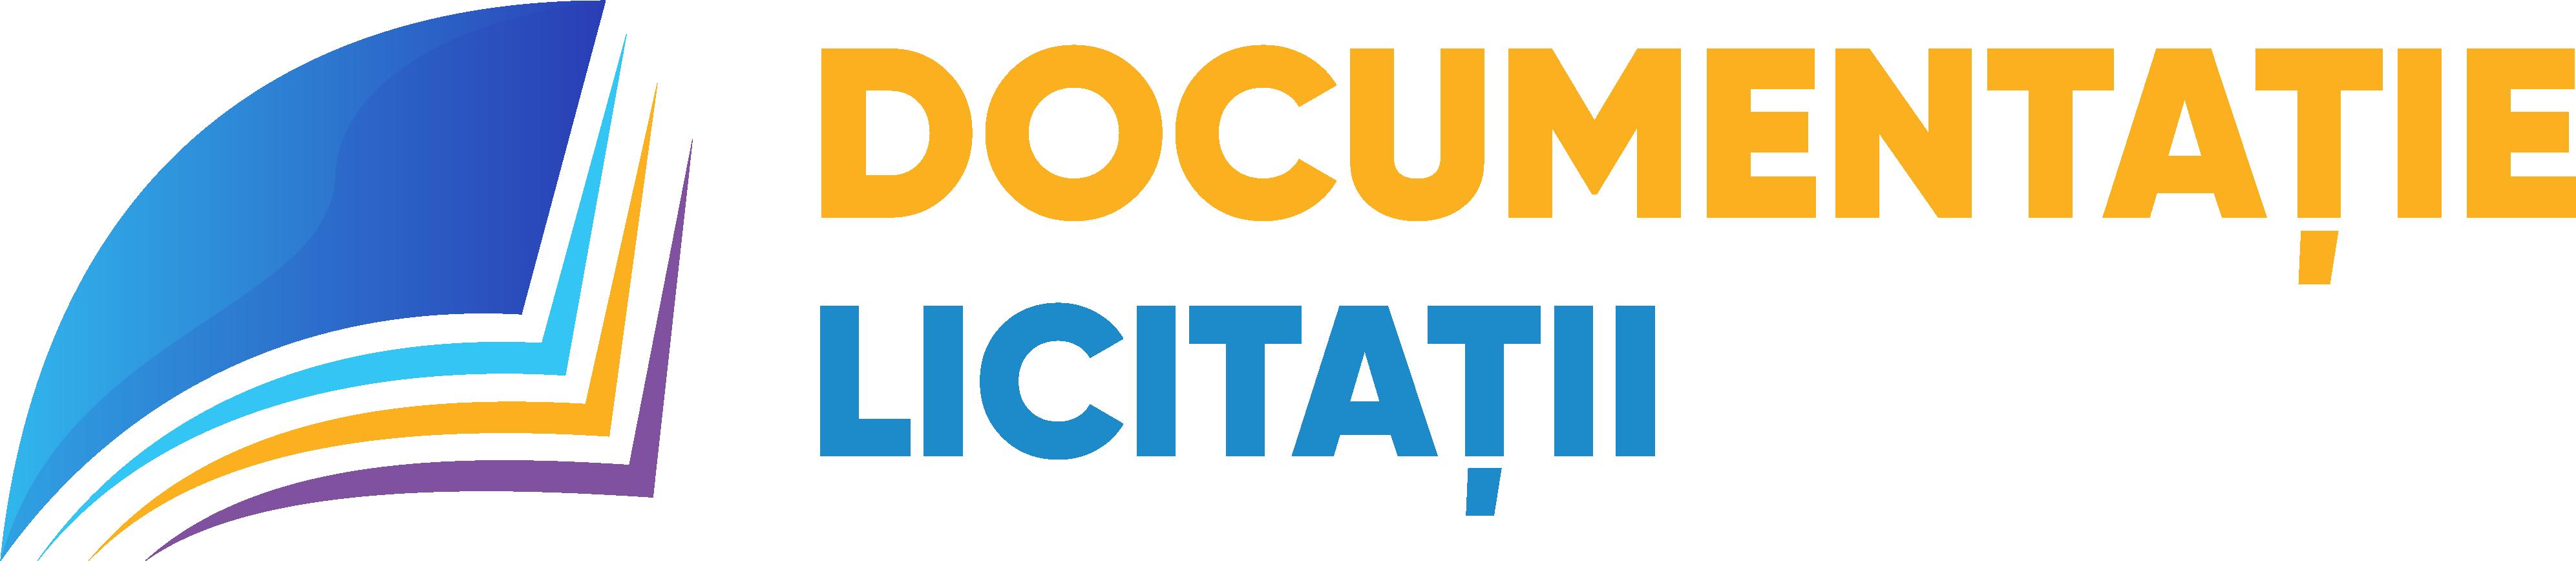 Documentatie Licitatii